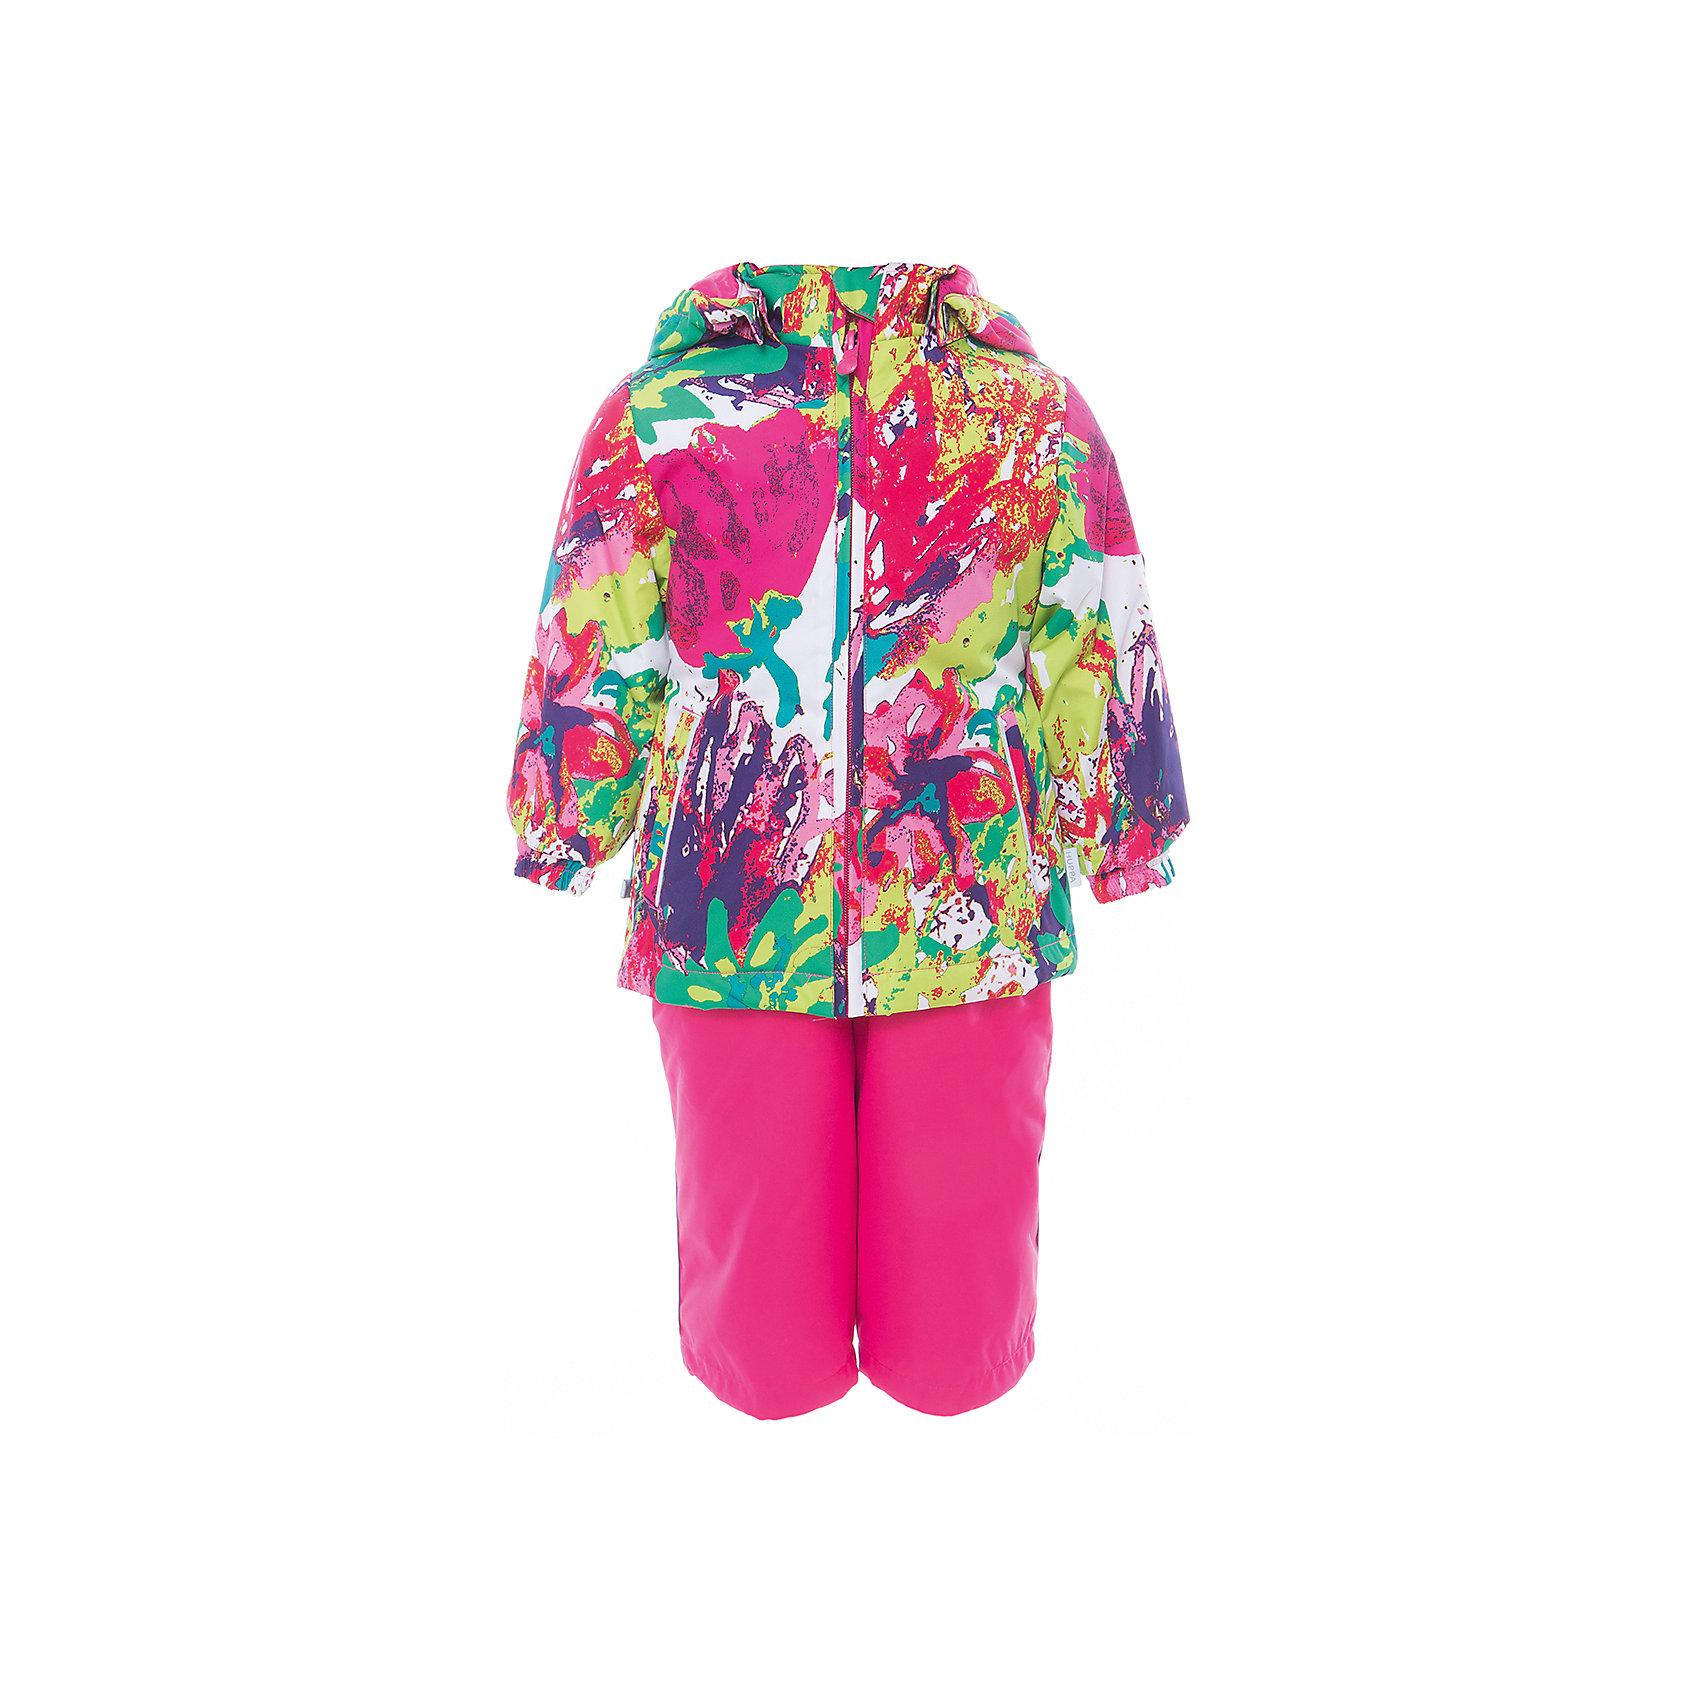 Комплект: куртка и полукомбинезон для девочки YONNE HuppaВерхняя одежда<br>Характеристики товара:<br><br>• цвет: мультиколор принт/фуксия<br>• комплектация: куртка и полукомбинезон <br>• ткань: 100% полиэстер<br>• подкладка: тафта - 100% полиэстер<br>• утеплитель: куртка и полукомбинезон - 100% полиэстер 100 г.<br>• температурный режим: от -5°С до +10°С<br>• водонепроницаемость: верх - 5000 мм, низ - 10000 мм<br>• воздухопроницаемость: верх - 5000 мм, низ - 10000 мм<br>• светоотражающие детали<br>• шов сидения проклеен<br>• съёмный капюшон с резинкой<br>• защита подбородка от молнии<br>• эластичные манжеты на рукавах<br>• регулируемый низ брючин<br>• эластичный шнур с фиксатором внизу брючин<br>• без внутренних швов<br>• резиновые подтяжки<br>• коллекция: весна-лето 2017<br>• страна бренда: Эстония<br><br>Такой модный демисезонный комплект  обеспечит детям тепло и комфорт. Он сделан из материала, отталкивающего воду, и дополнен подкладкой с утеплителем, поэтому изделие идеально подходит для межсезонья. Материал изделий - с мембранной технологией: защищая от влаги и ветра, он легко выводит лишнюю влагу наружу. Комплект очень симпатично смотрится. <br><br>Одежда и обувь от популярного эстонского бренда Huppa - отличный вариант одеть ребенка можно и комфортно. Вещи, выпускаемые компанией, качественные, продуманные и очень удобные. Для производства изделий используются только безопасные для детей материалы. Продукция от Huppa порадует и детей, и их родителей!<br><br>Комплект: куртка и полукомбинезон YONNE от бренда Huppa (Хуппа) можно купить в нашем интернет-магазине.<br><br>Ширина мм: 356<br>Глубина мм: 10<br>Высота мм: 245<br>Вес г: 519<br>Цвет: белый<br>Возраст от месяцев: 72<br>Возраст до месяцев: 84<br>Пол: Женский<br>Возраст: Детский<br>Размер: 122,110,80,86,92,98,104,116<br>SKU: 5346663